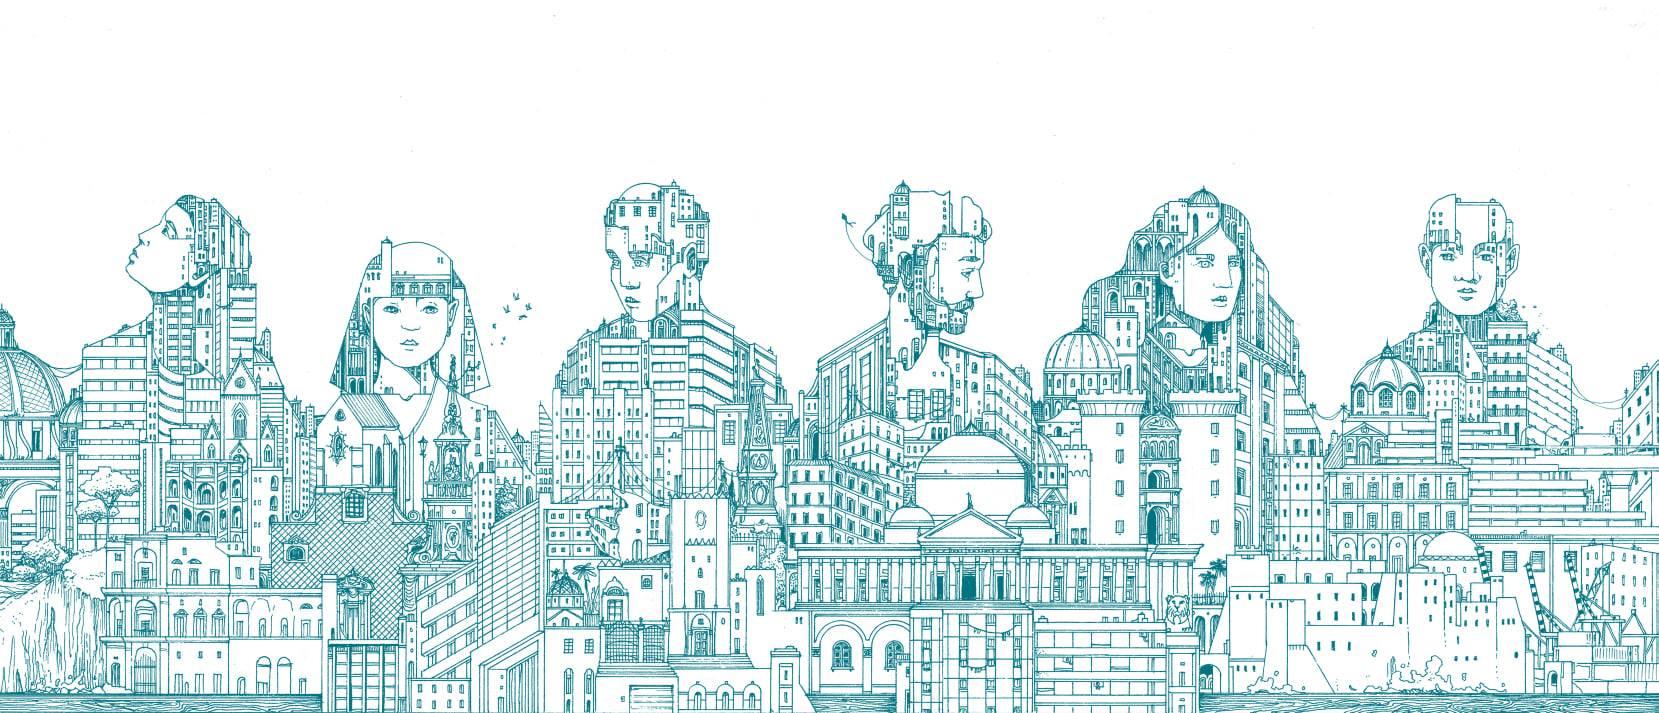 La generazione Y per cambiare Napoli, lanciato il manifesto